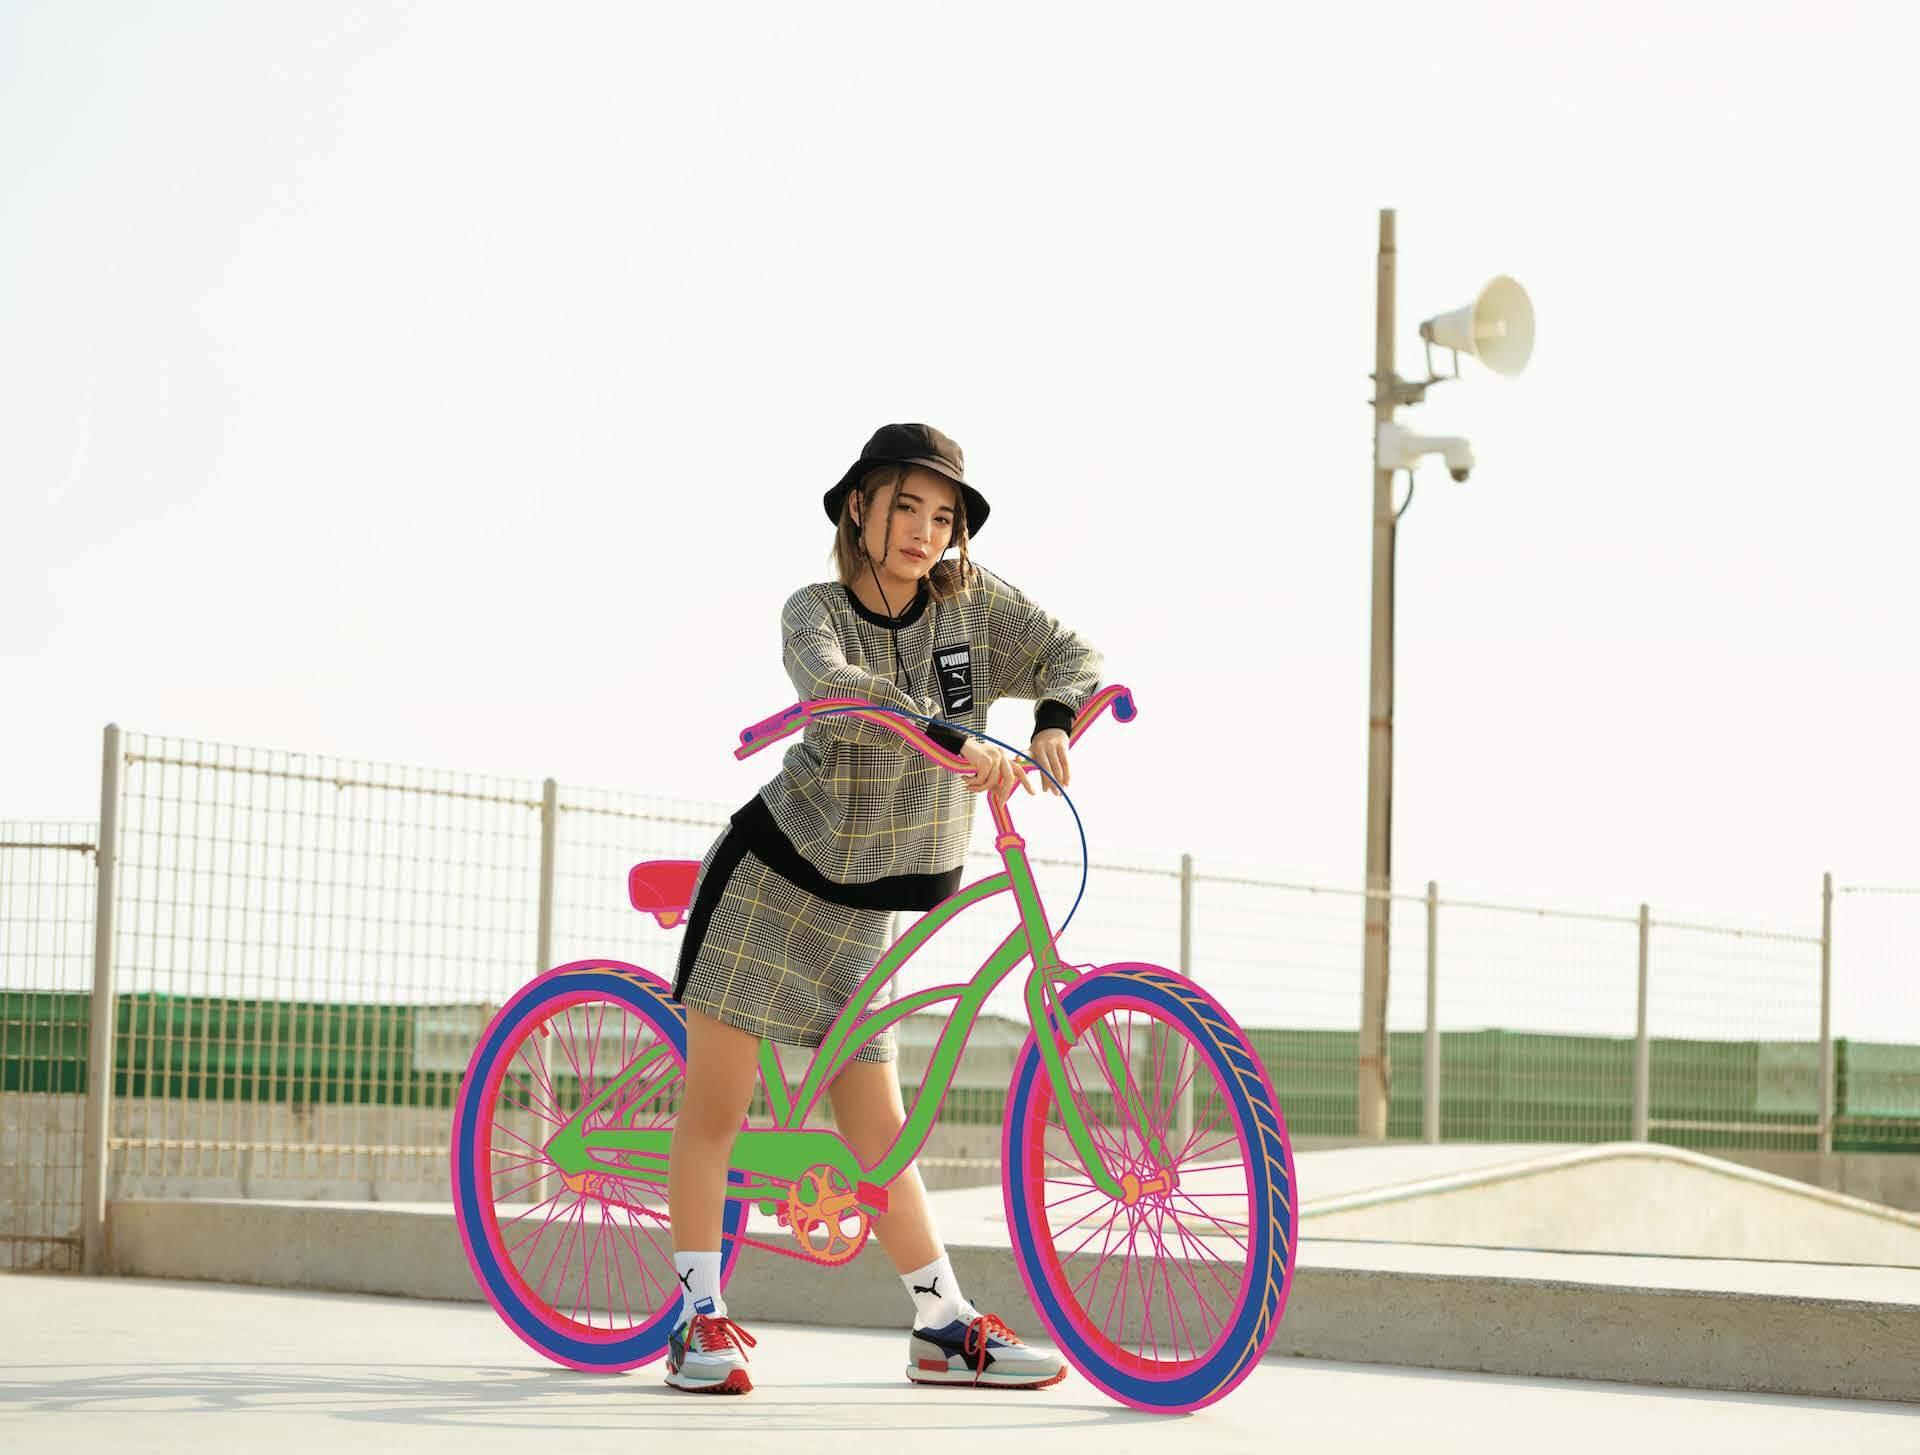 PUMA「RIDER」シリーズ最新作『FUTURE RIDER & STYLE RIDER』 藤田ニコルと浪花ほのかが登場するLOOKが公開! lf200421_puma_rider_10